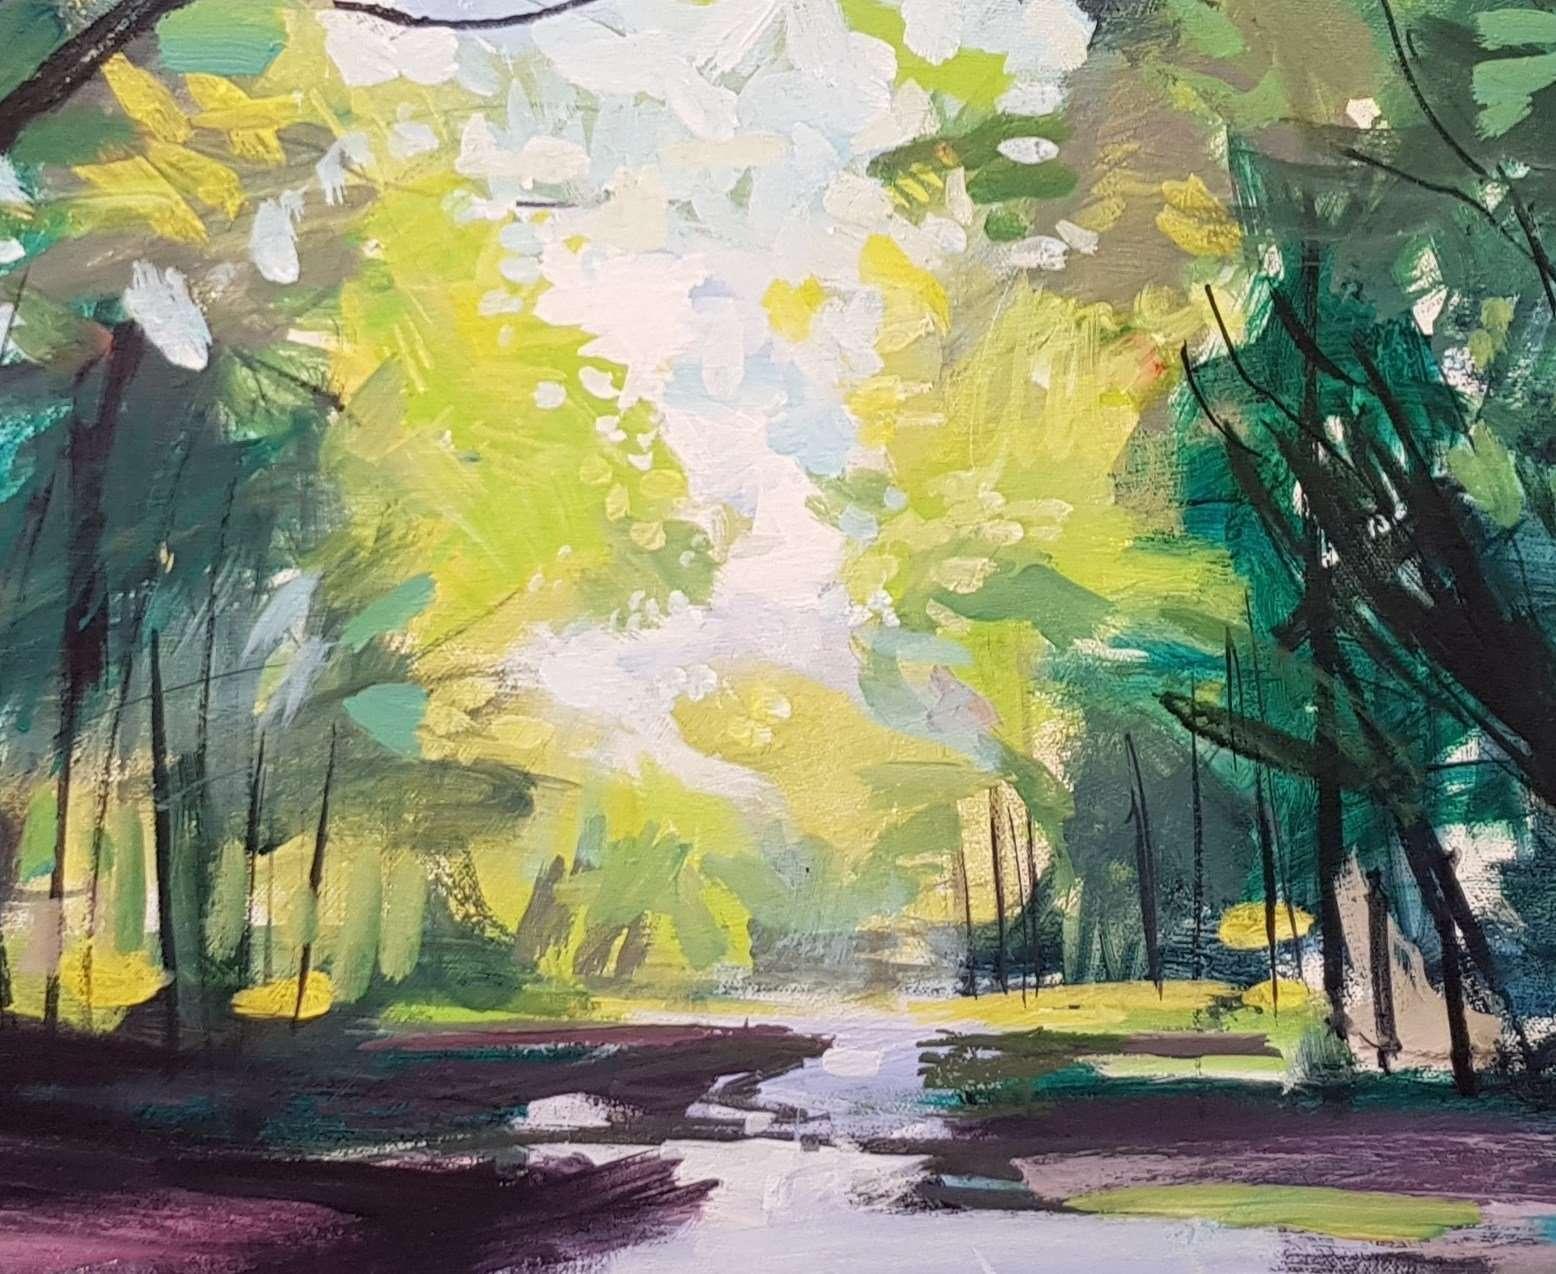 Puddles - Landscape painting closeup